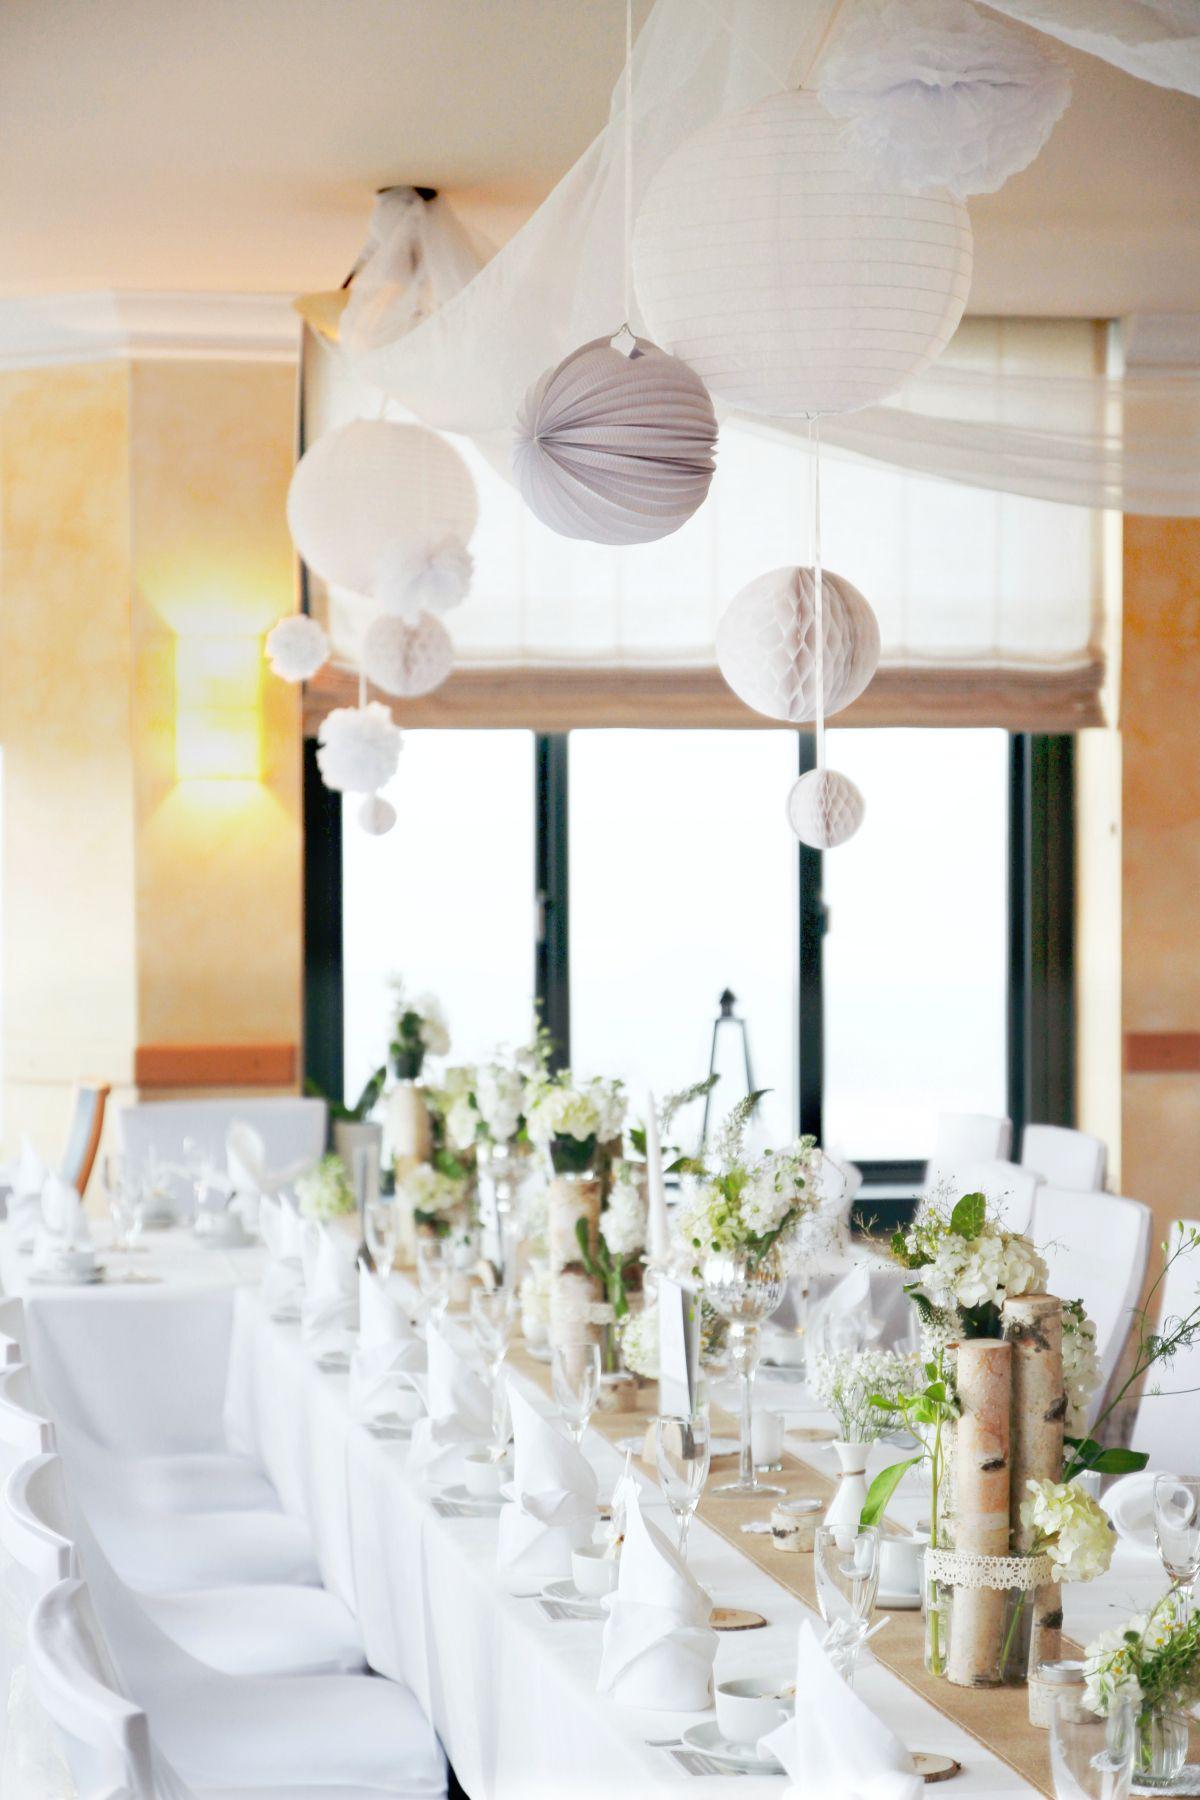 Eine Festtafel Wie Sie Im Buche Steht üppig Natürlich Dezent Birke Vintage Jute Spitzendeckchen Wei Tischdeko Hochzeit Hochzeit Deko Hochzeitsdeko